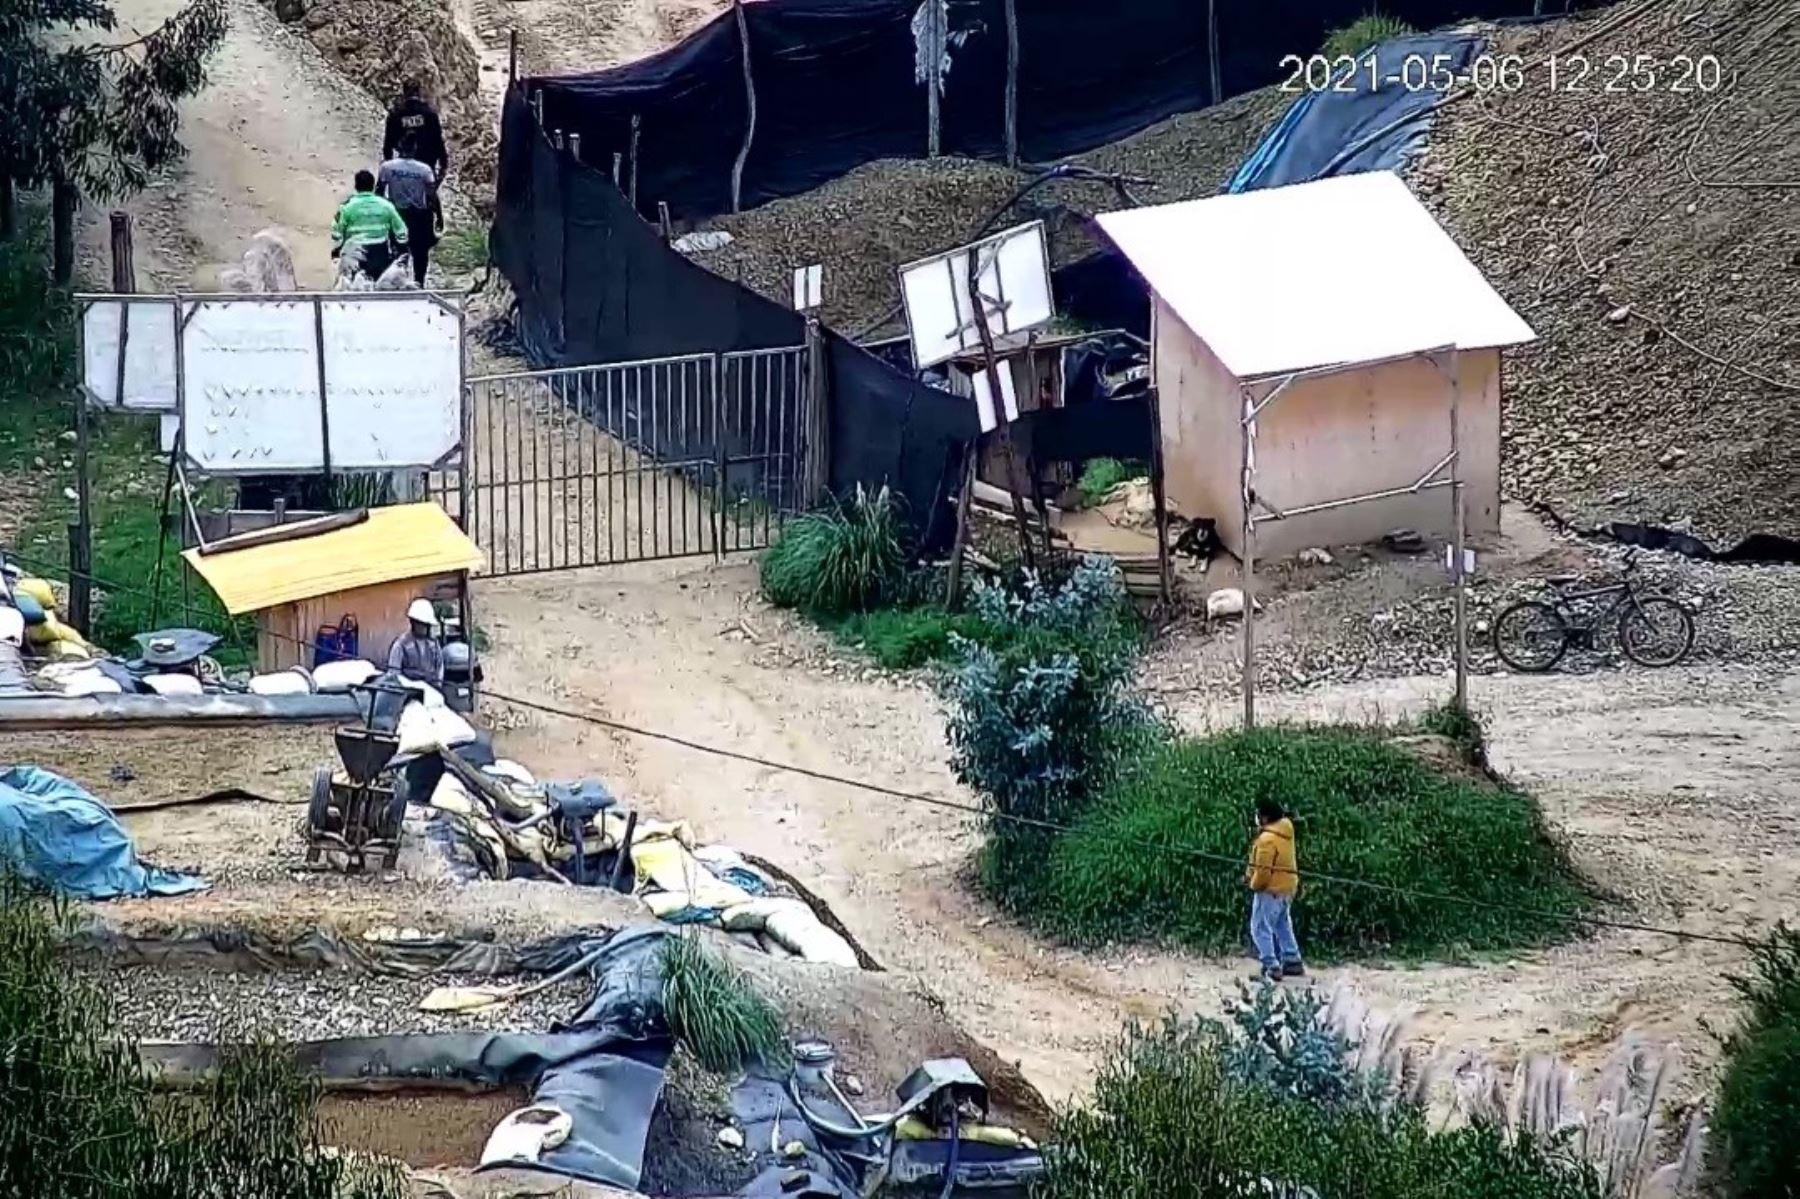 Zona de cerro El Toro donde se produjo el derrumbe que costó la vida a cuatro personas. Foto: ANDINA/Difusión